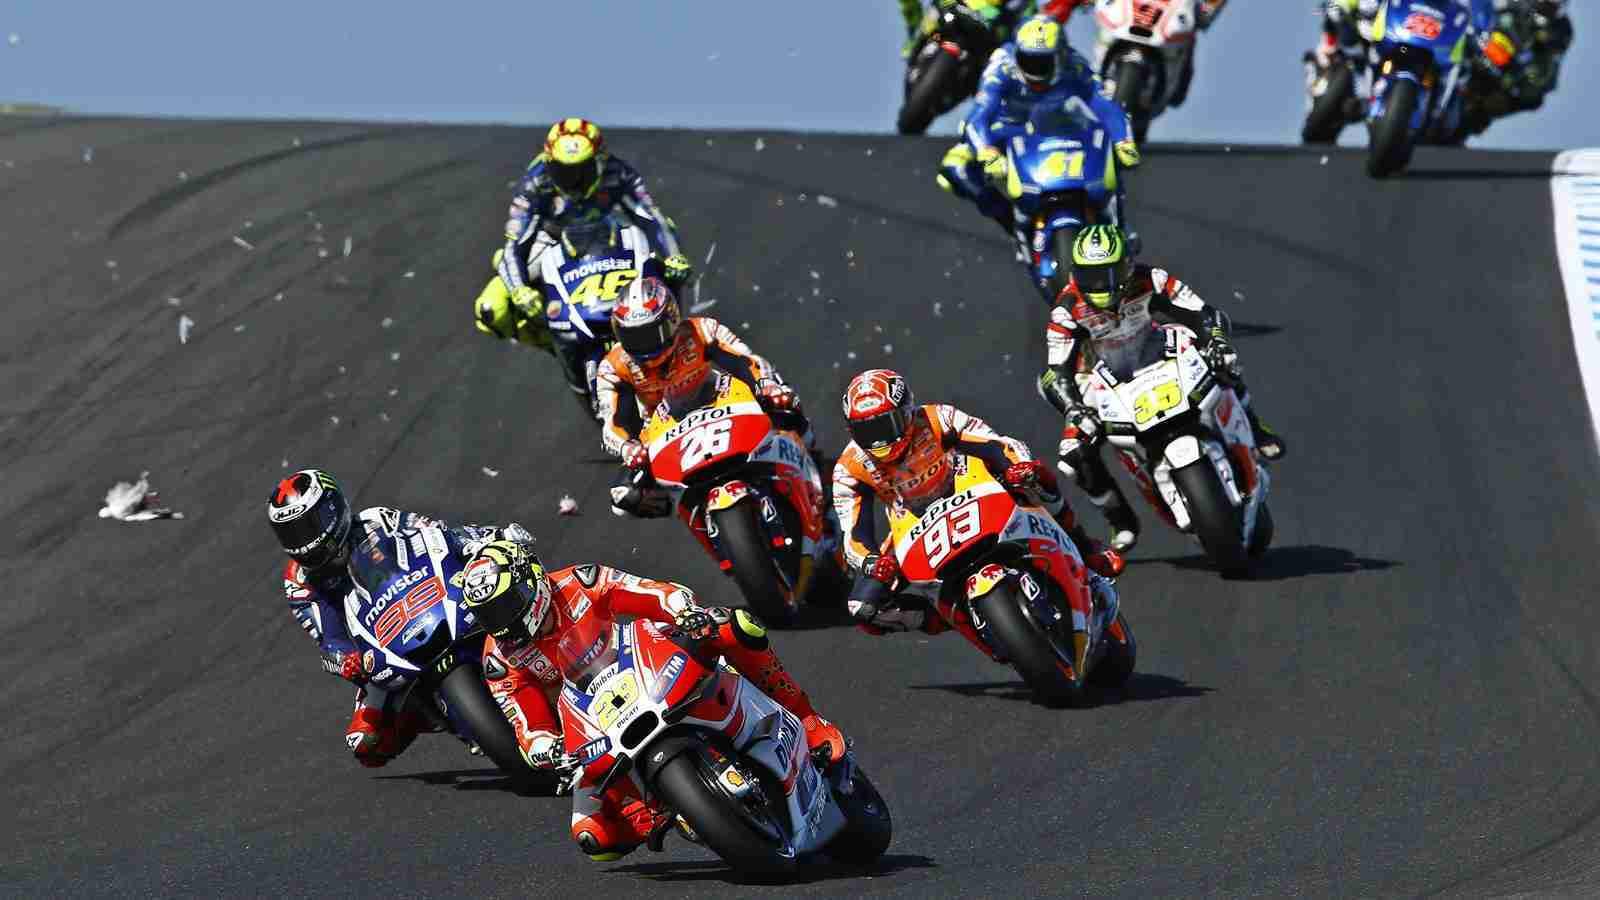 MotoGP Phillip Island 2015 wallpaper